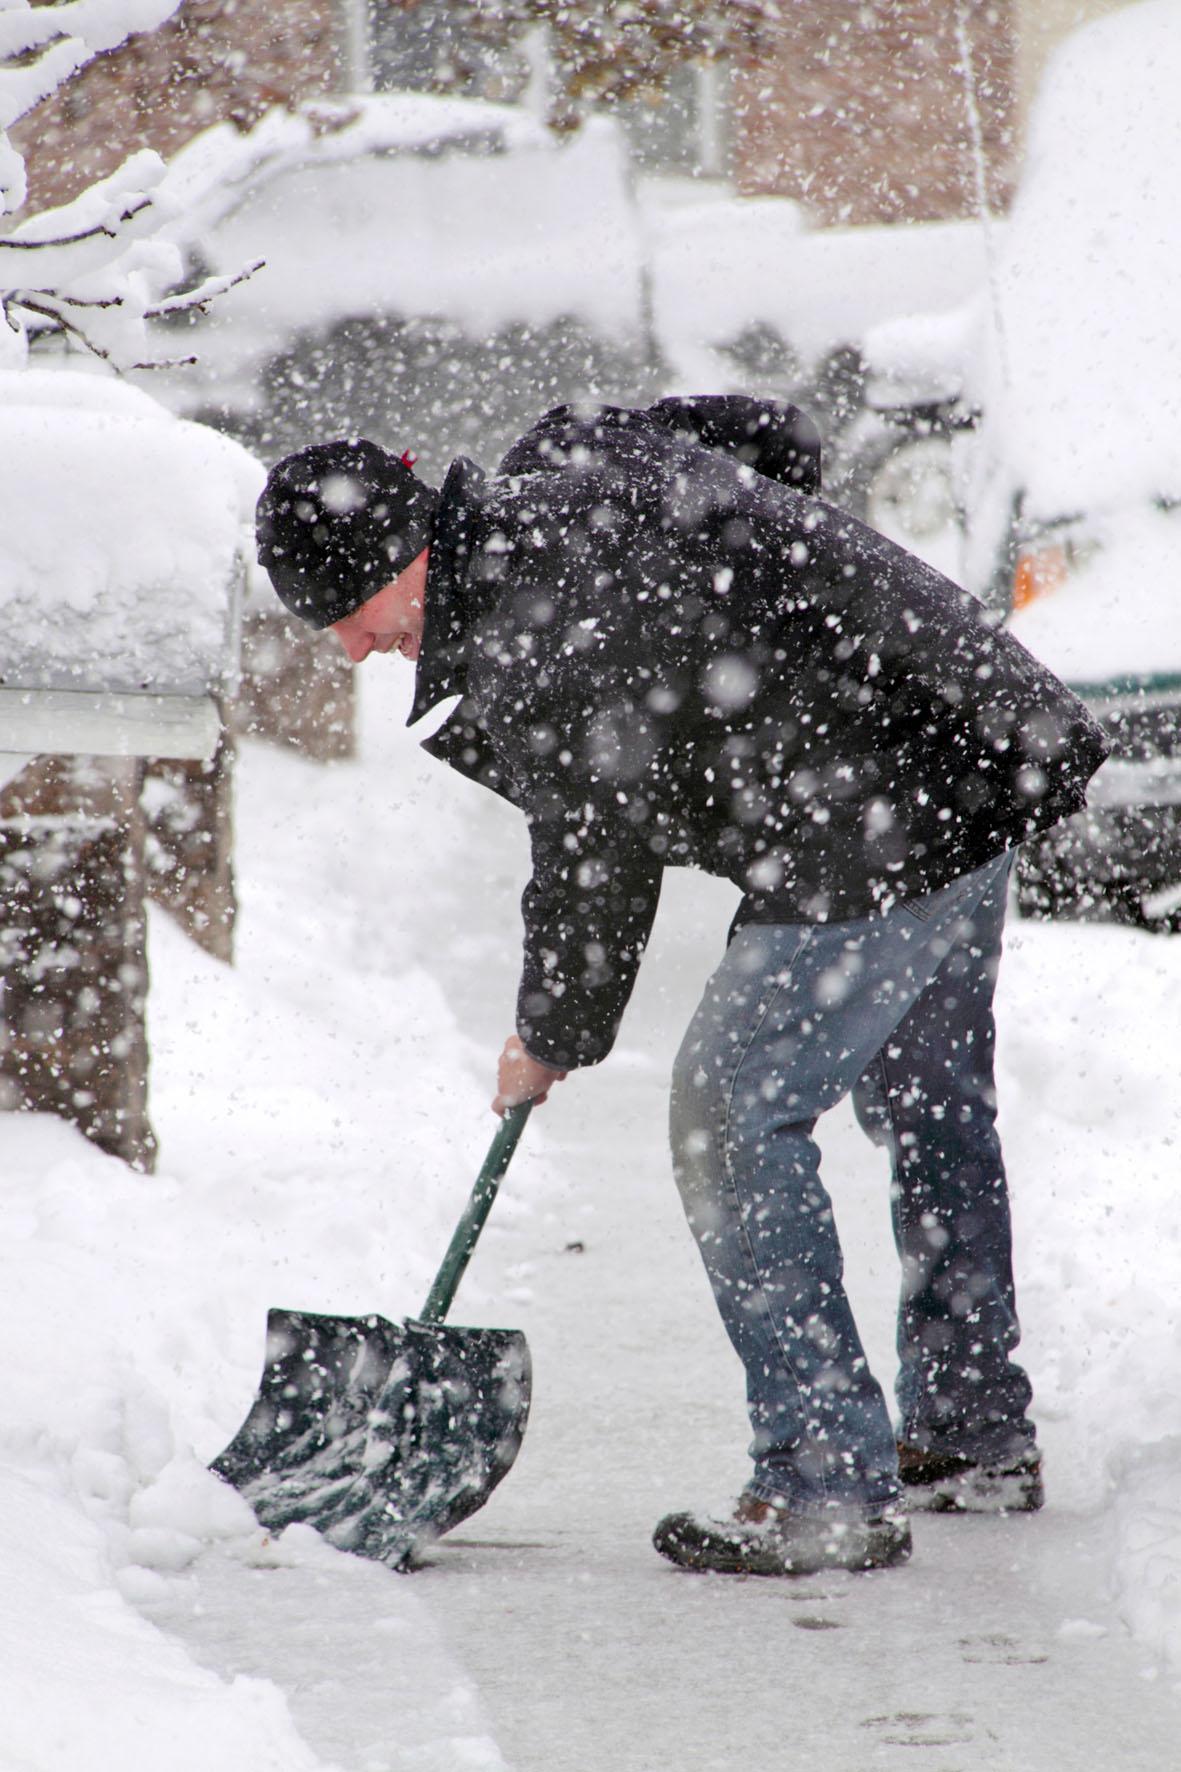 Die Pflicht für das Schneeräumen kann vom Vermieter auf den Mieter übertragen werden.